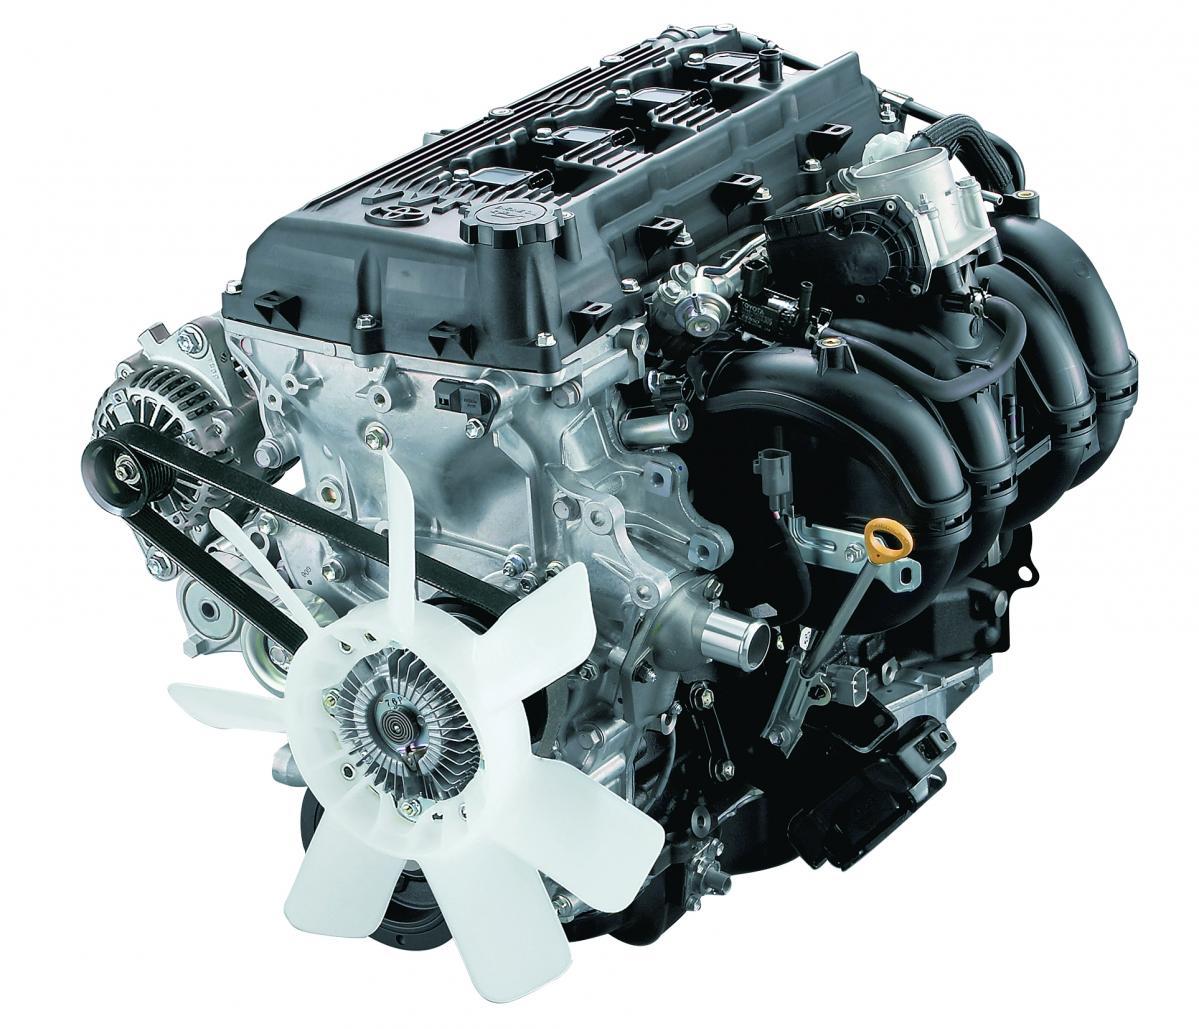 トヨタ・ハイエースをはじめとする働くクルマのエンジン──TRシリーズ